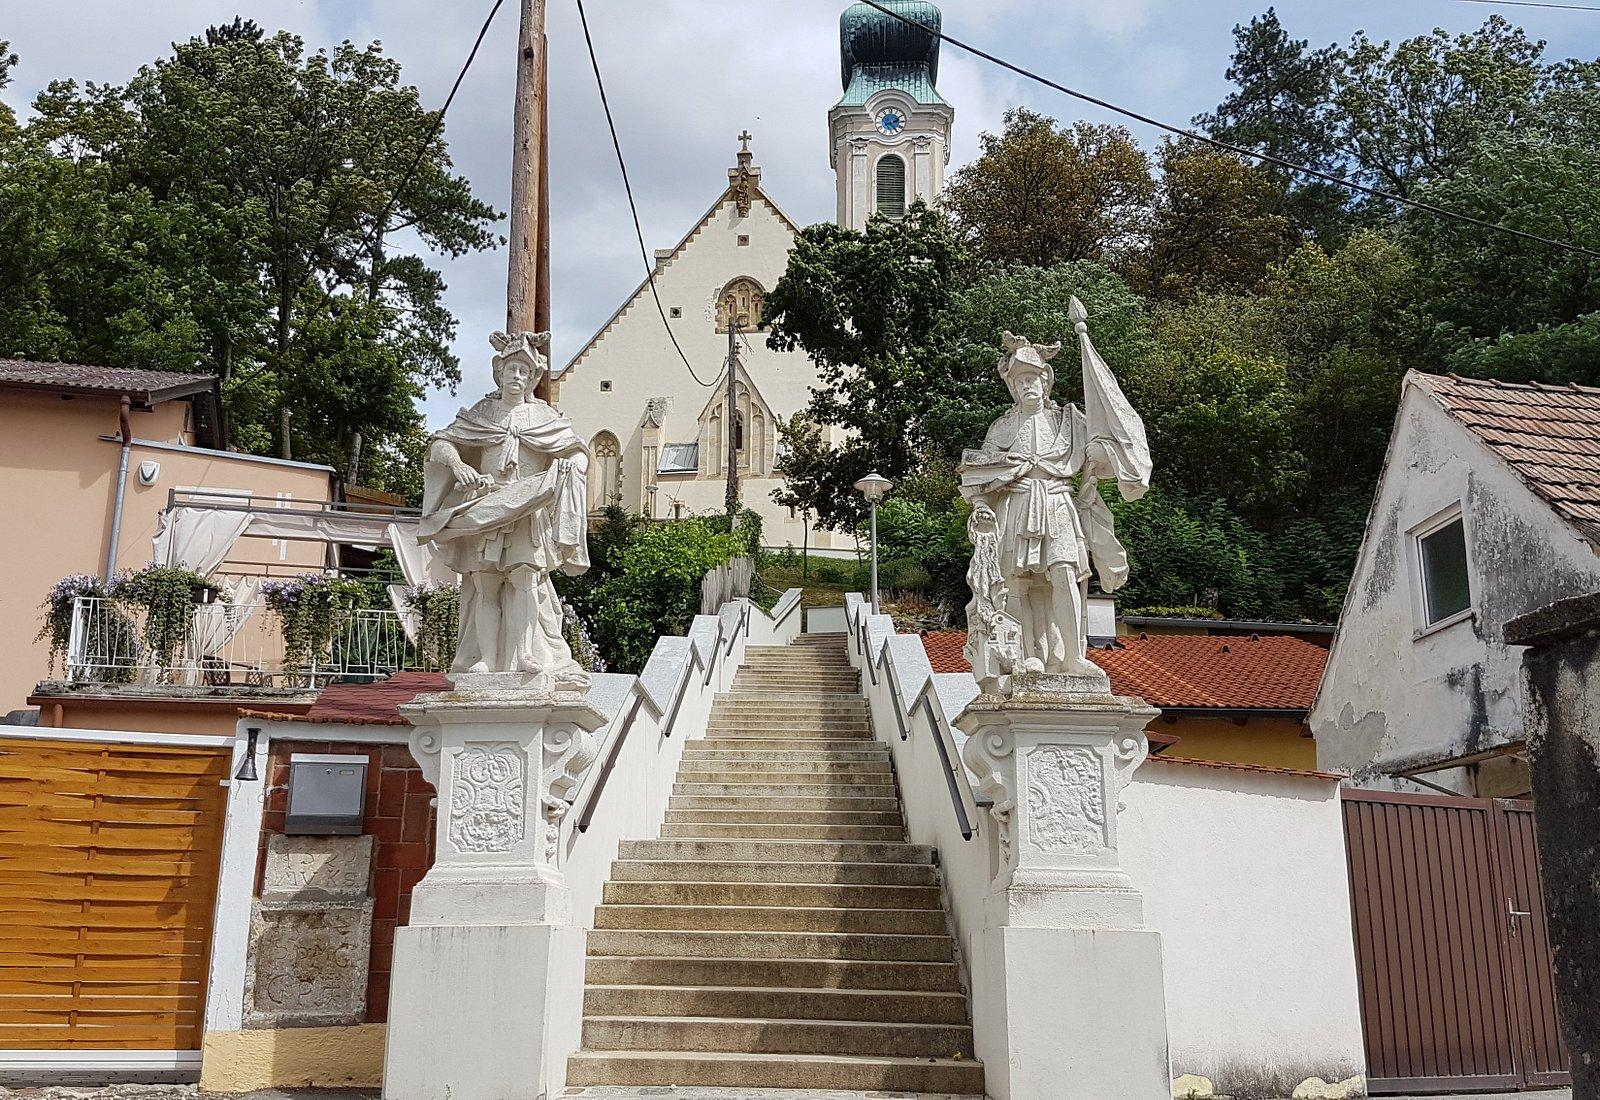 Stadtpfarrkirche - Kath. Pfarrkirche hl. Martin